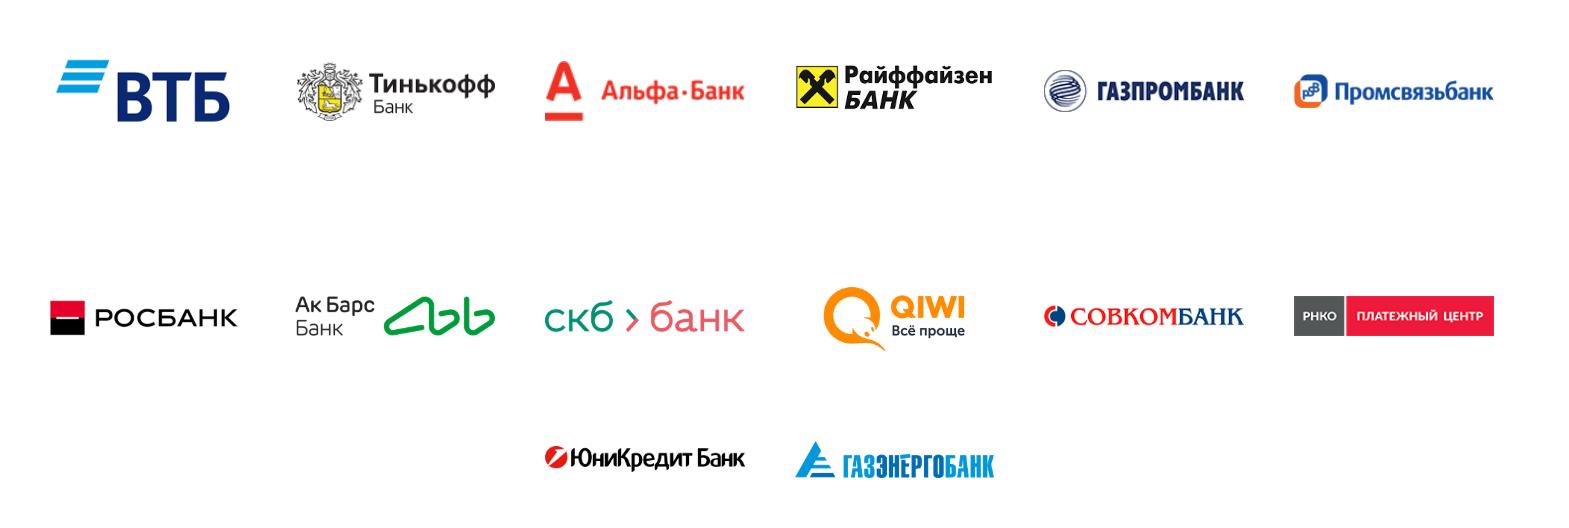 Банки предупредили ЦБ о проблеме лимитов в системе быстрых платежей